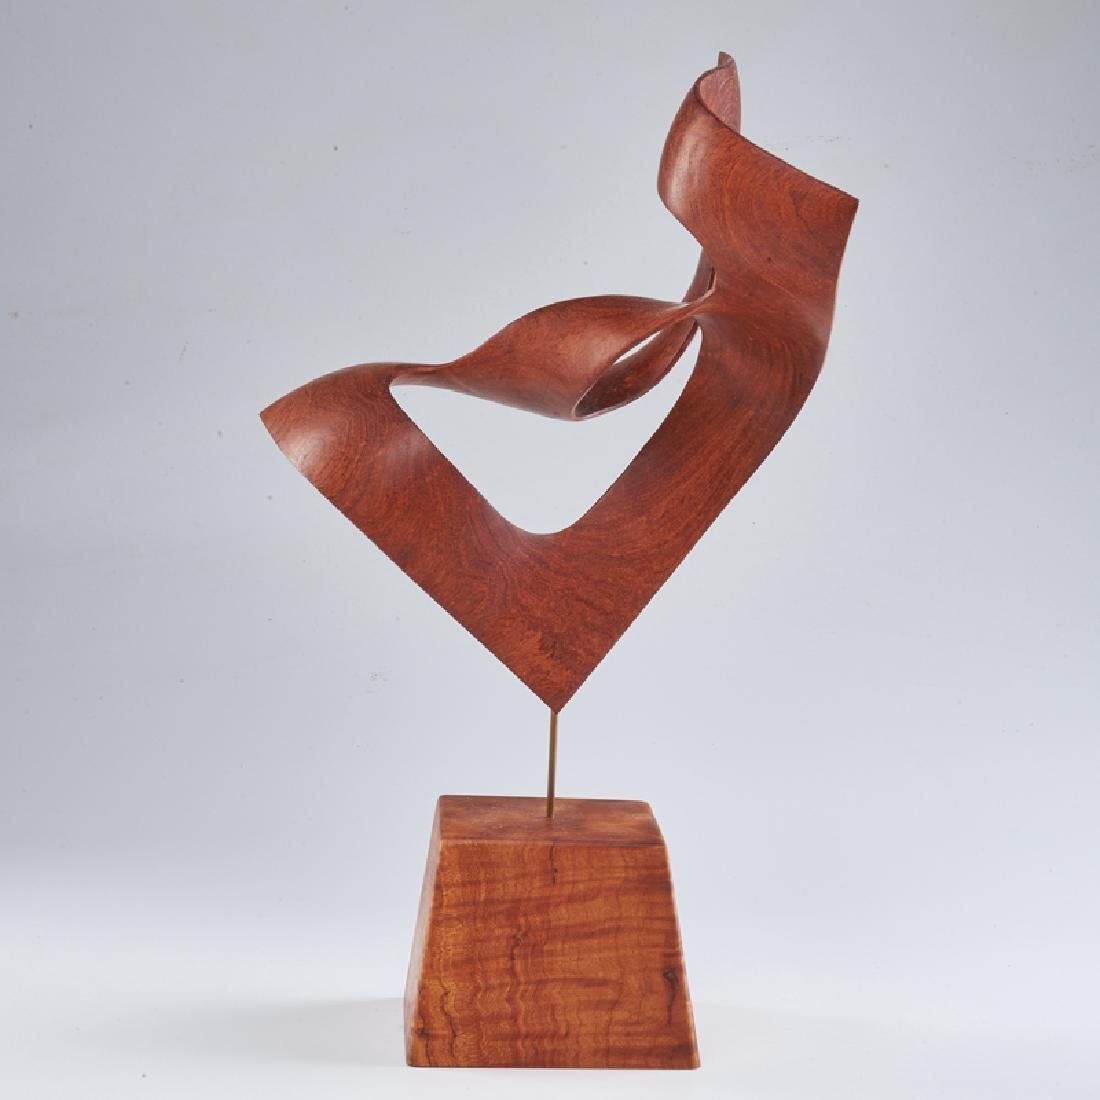 THOMAS WOODWARD (1932-2011)